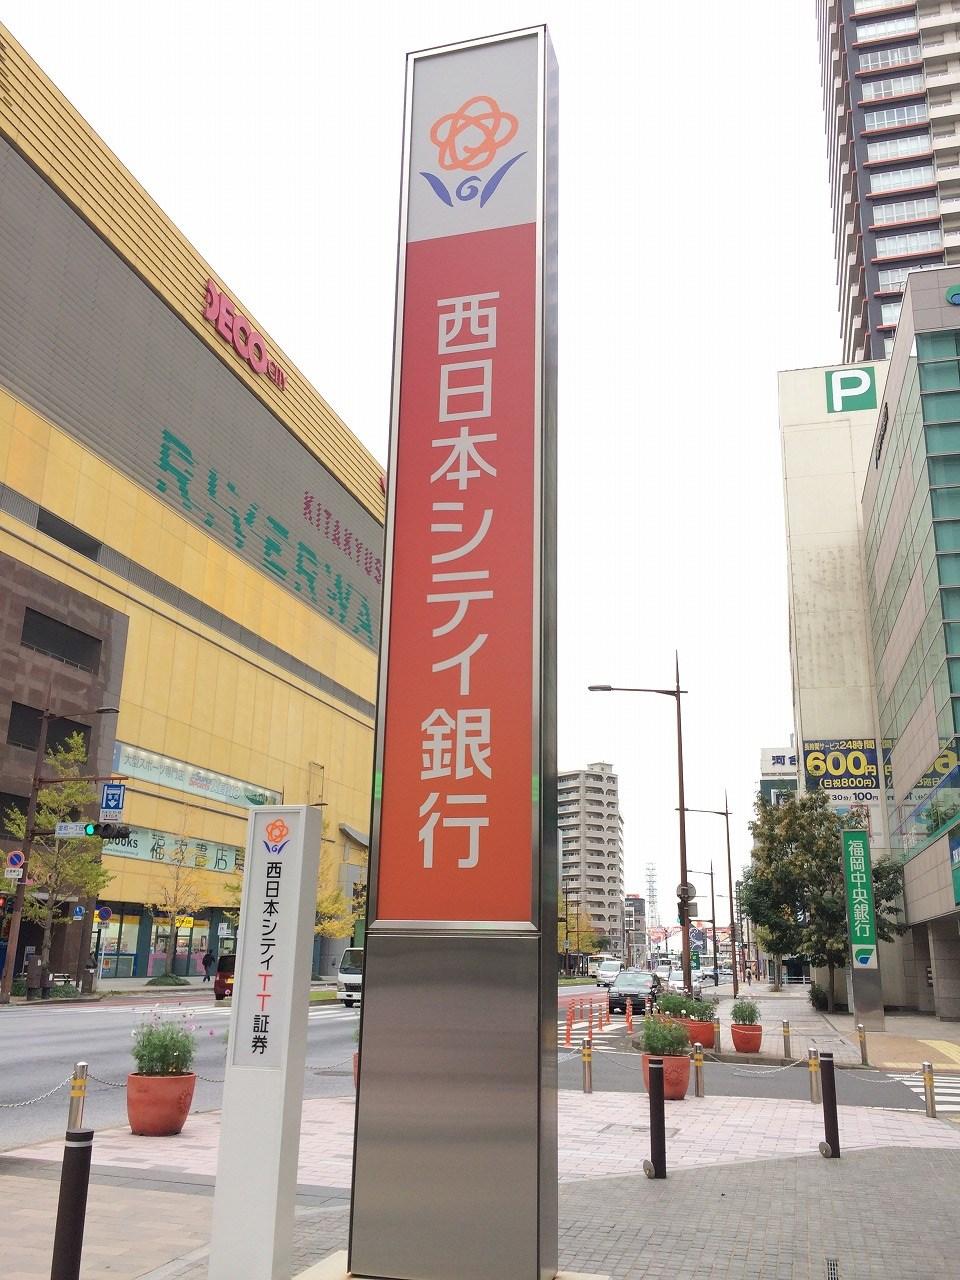 銀行:西日本シティ銀行 ショッピングパーク鞘ケ谷 885m